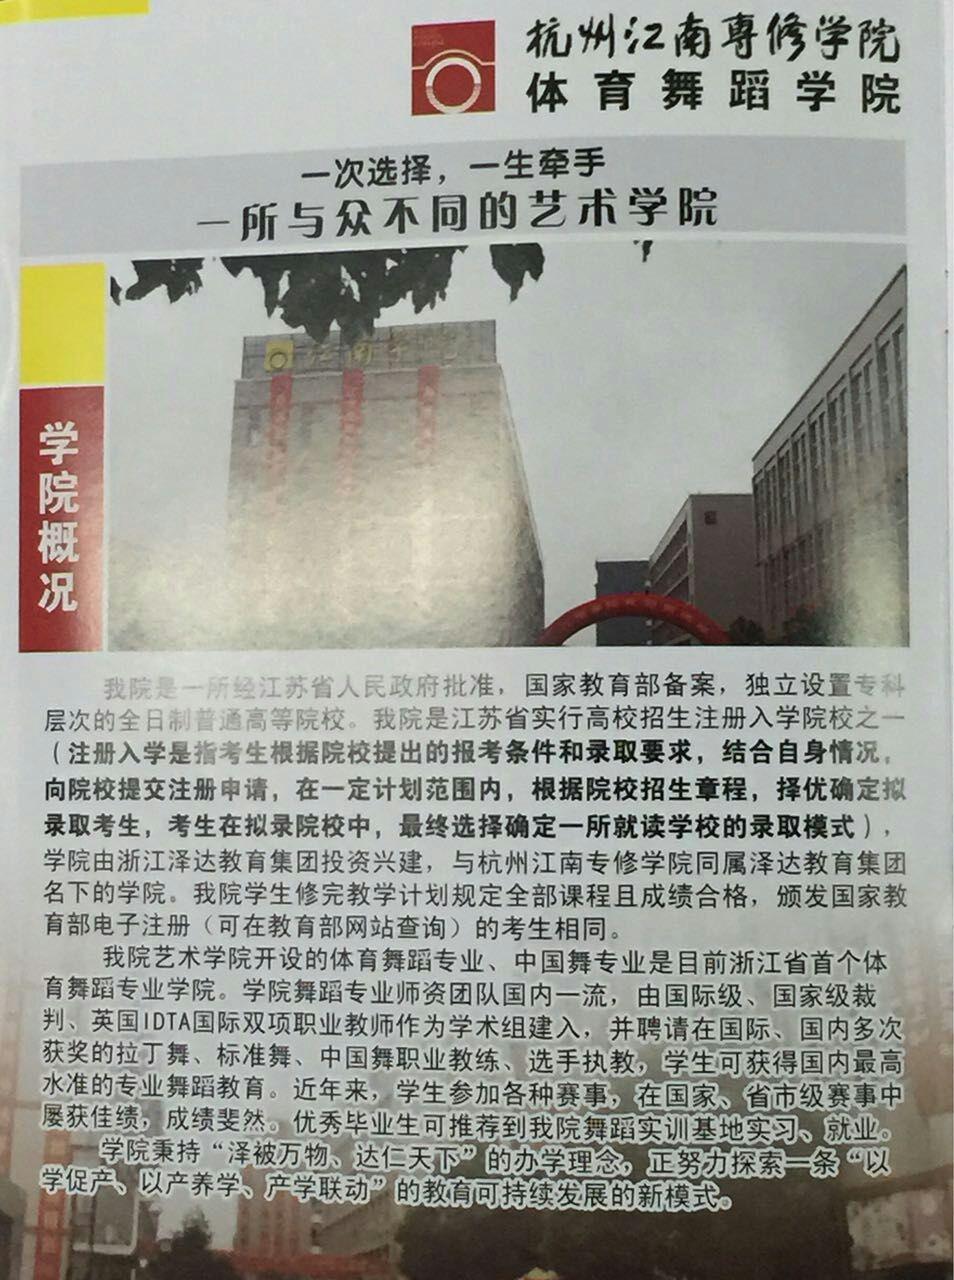 杭州舞蹈统招大专向全国招聘招生代理